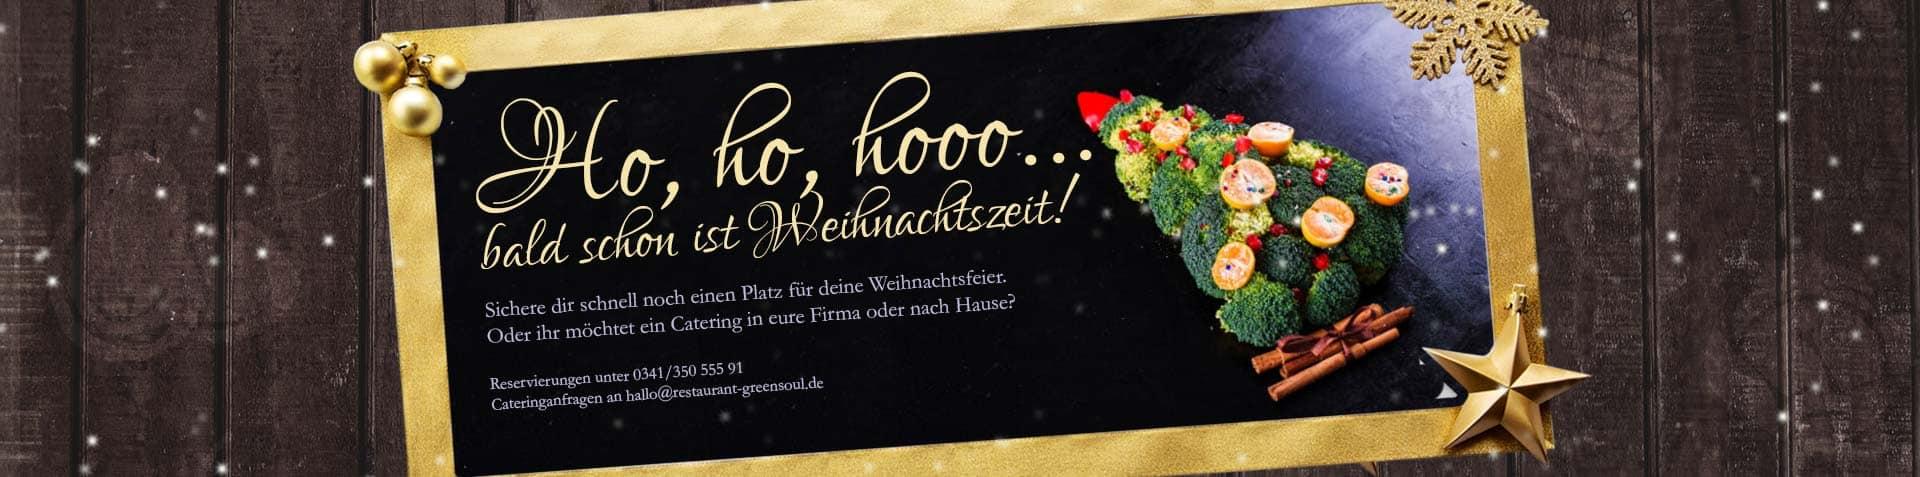 Weihnachtsfeier oder Catering im GreenSoul - vegetarisch veganes Restaurant in Leipzig.